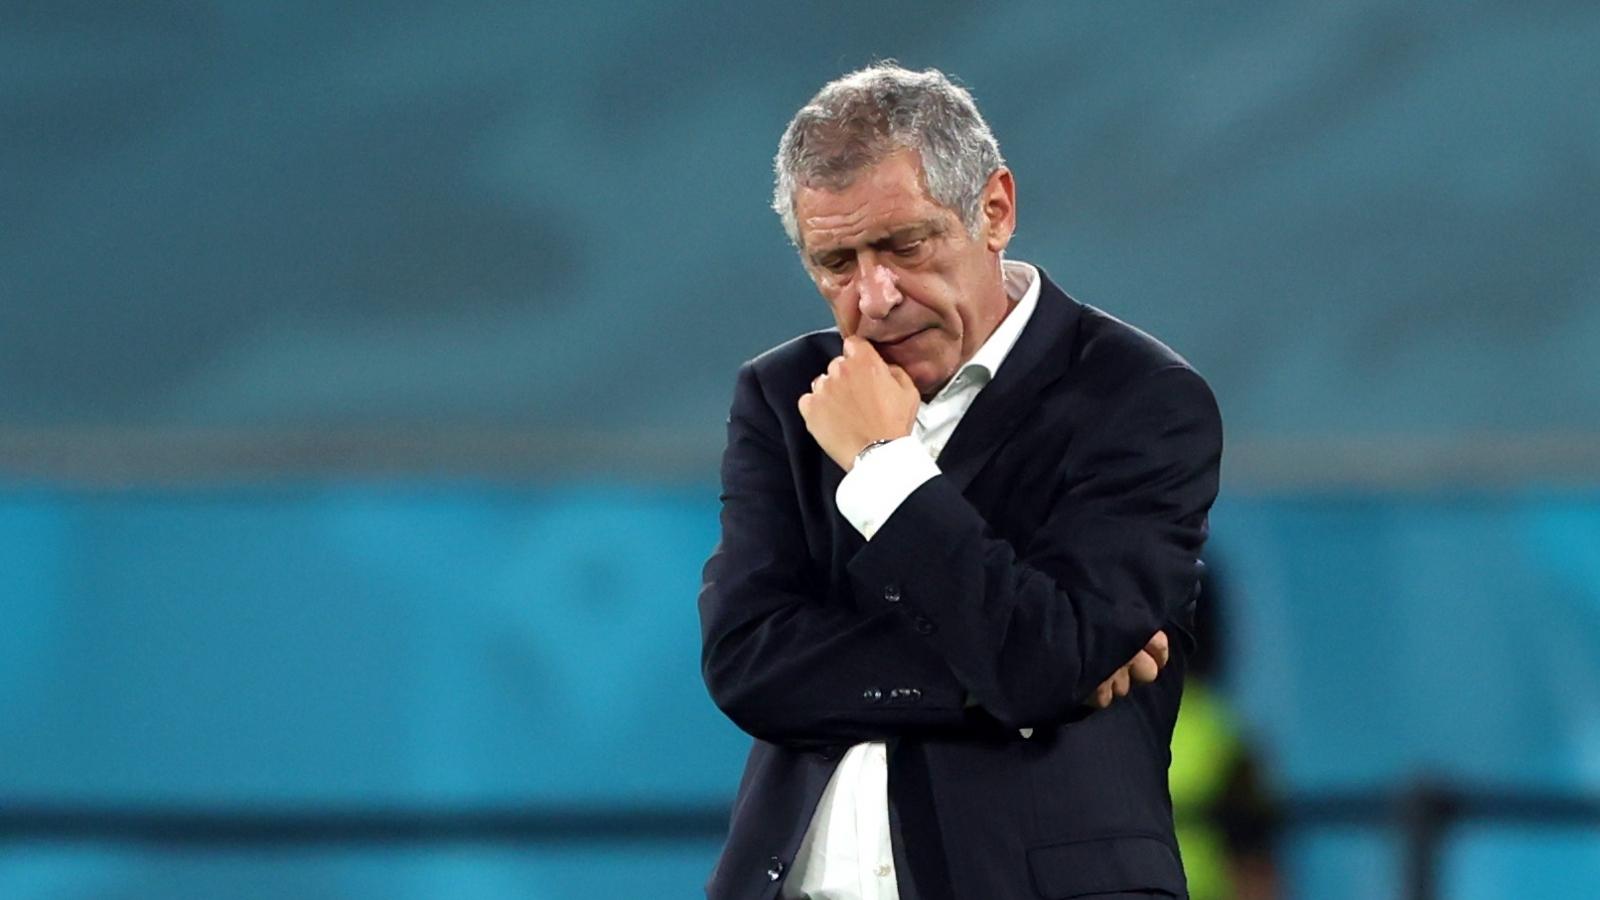 Bồ Đào Nha bị loại ở EURO 2021, HLV Santos đặt mục tiêu vô địch World Cup 2022